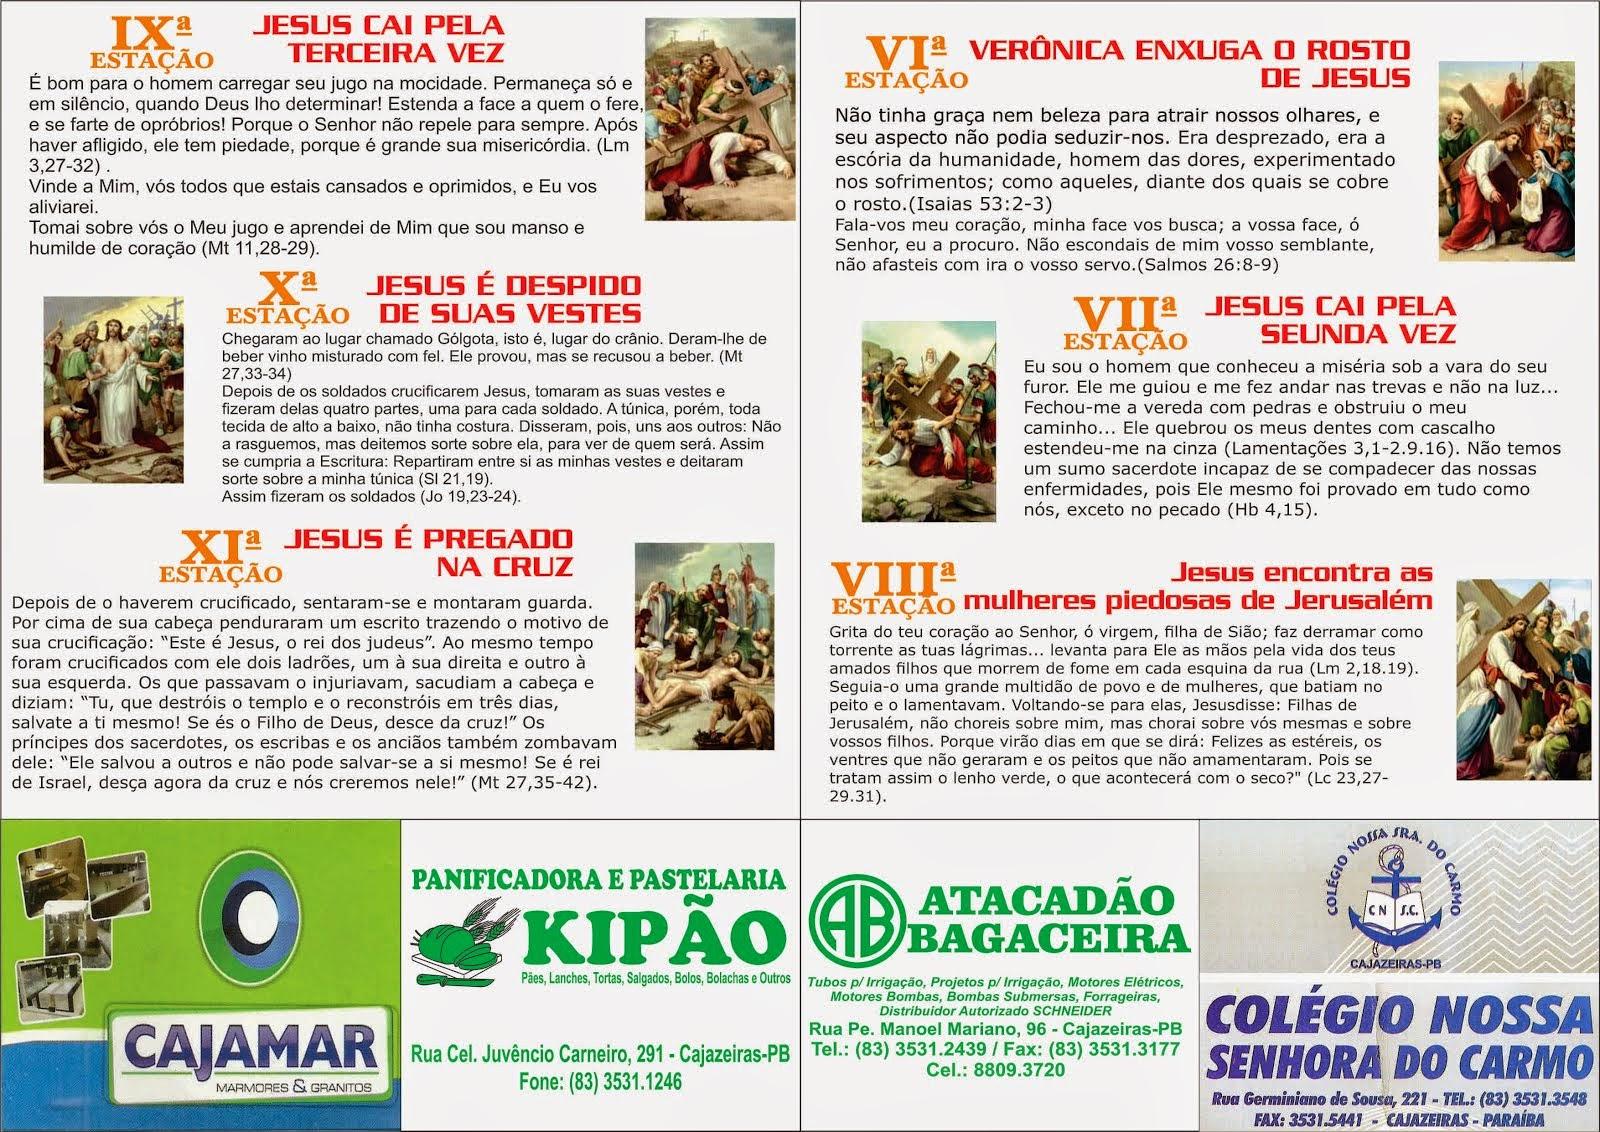 VIA  SACRA  EM CAJAAZEIRAS  COBERTURA  DO CENTRASERT Centro Tradicional do Sertão